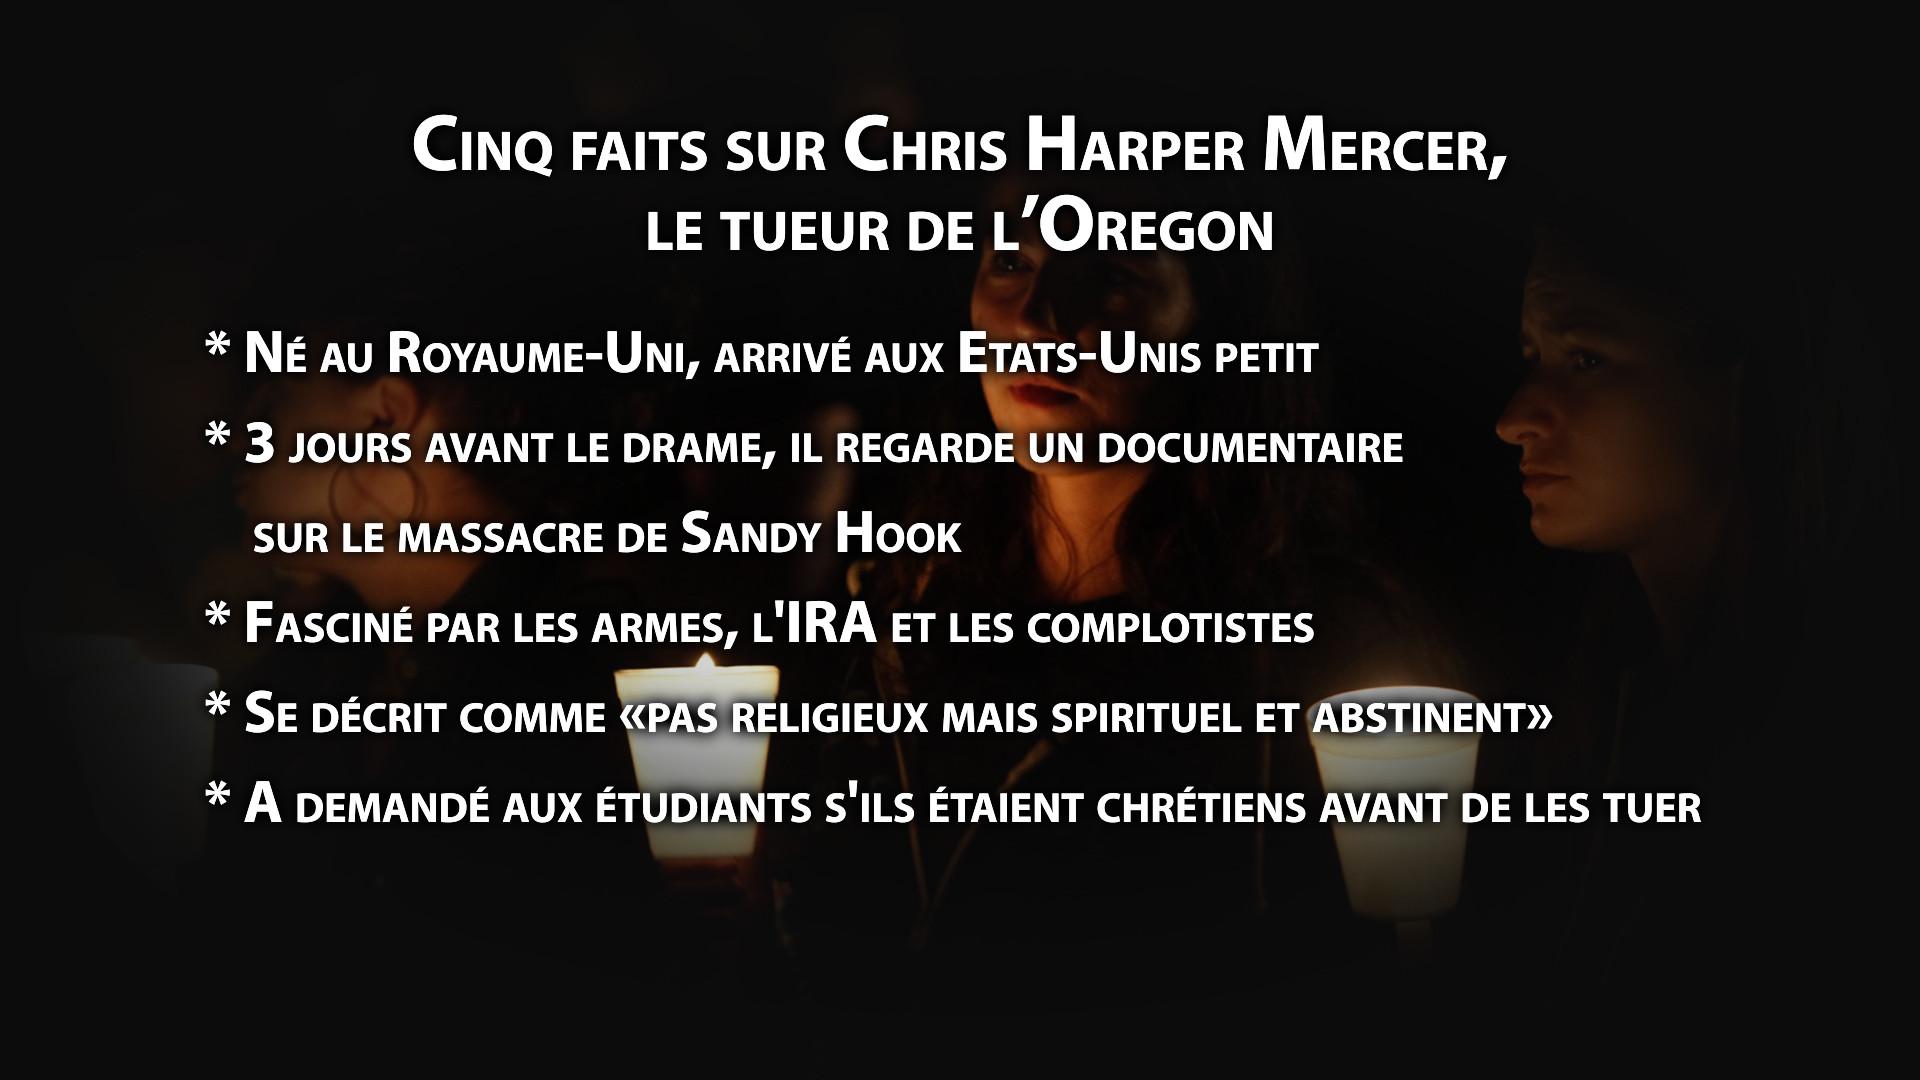 Cinq faits sur Chris Harper Mercer, le tueur de l'Oregon